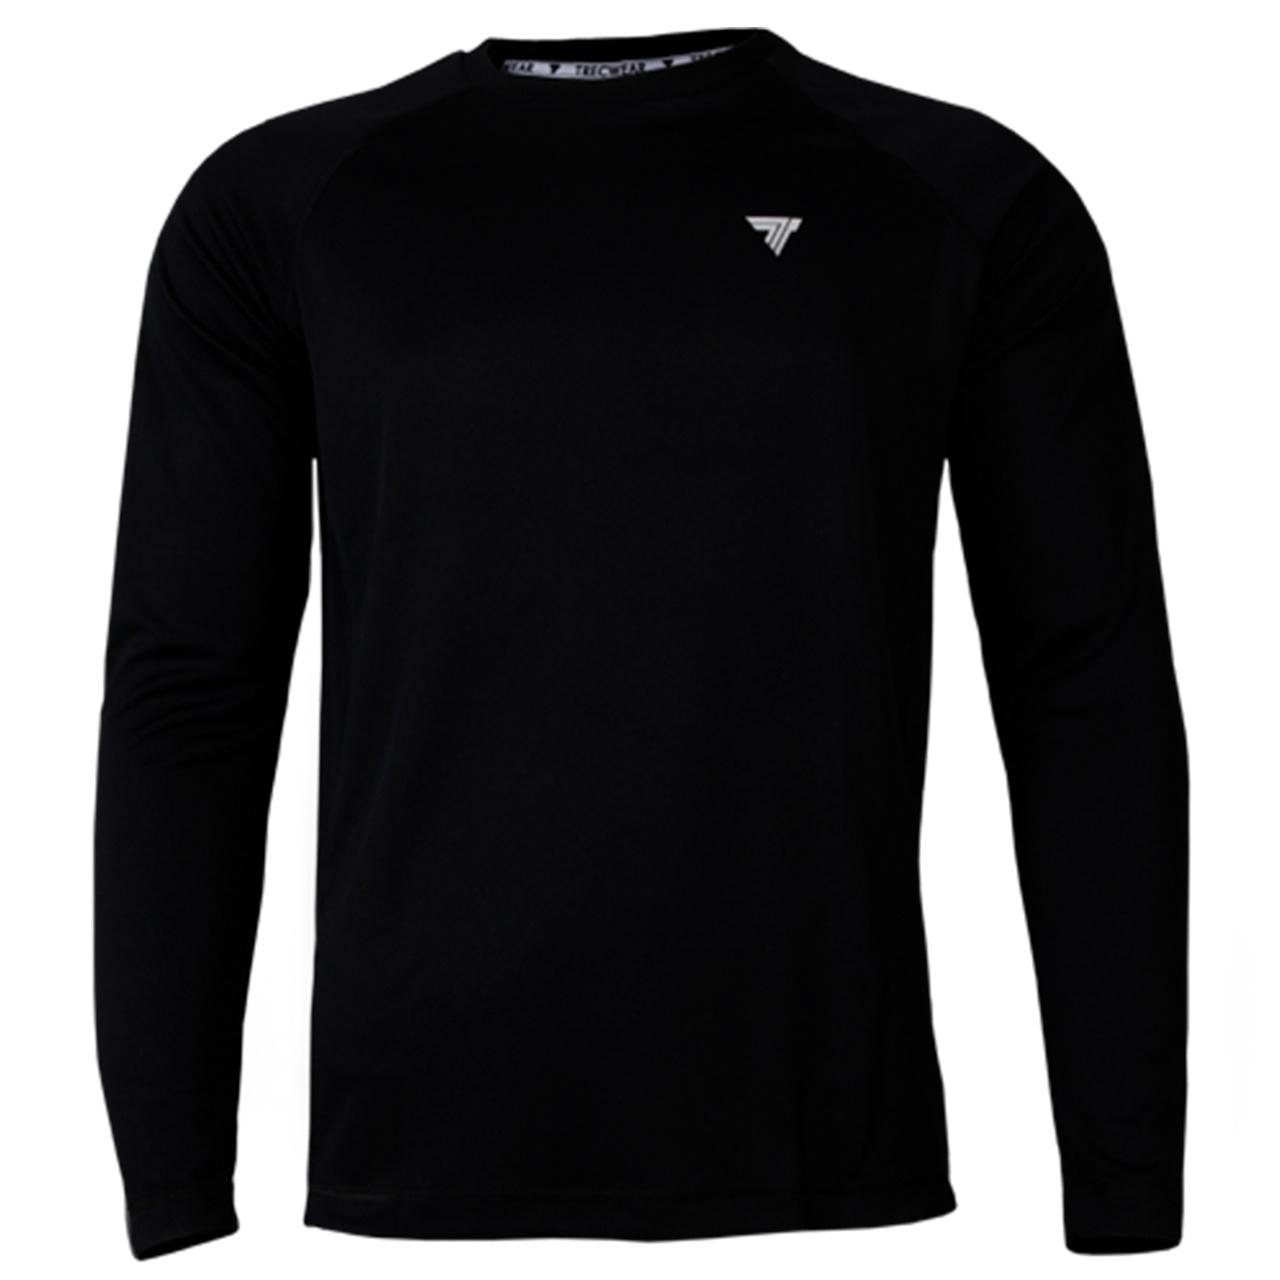 خرید ارزان تی شرت آستین بلند مردانه ترک ویر مدل Cooltrec 013 Black